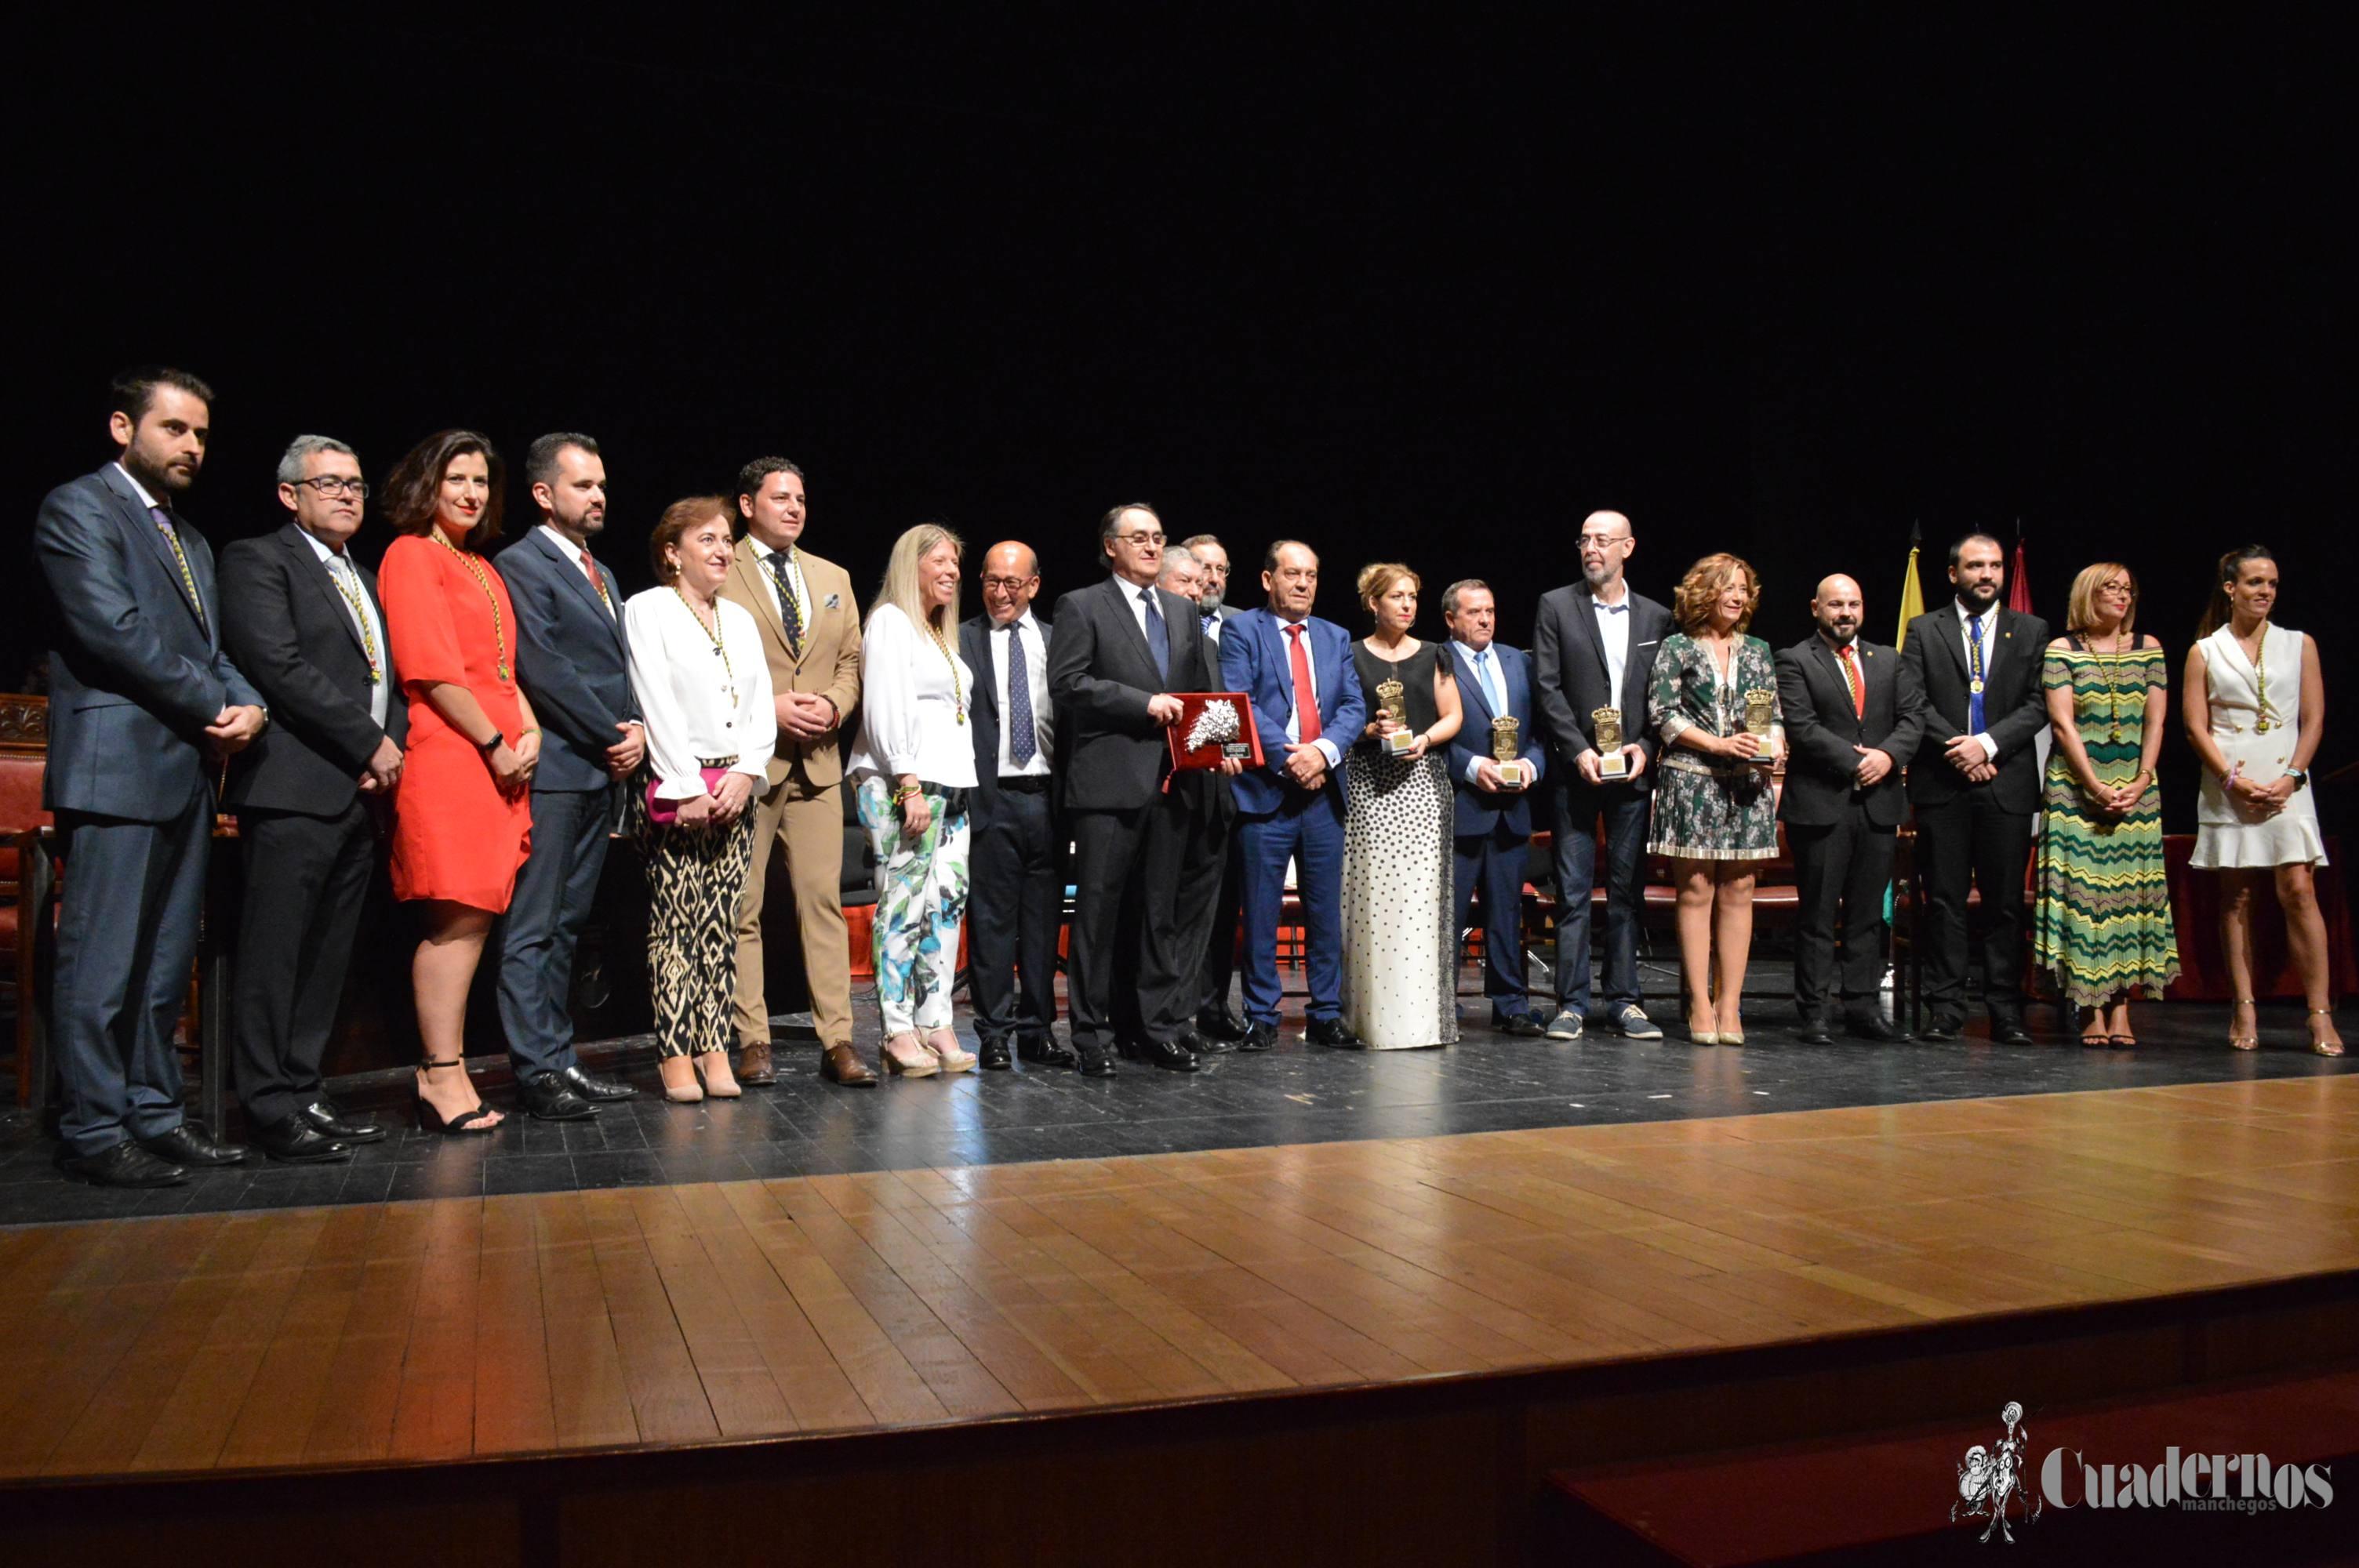 Una noche de reconocimiento para los viñadores 2019